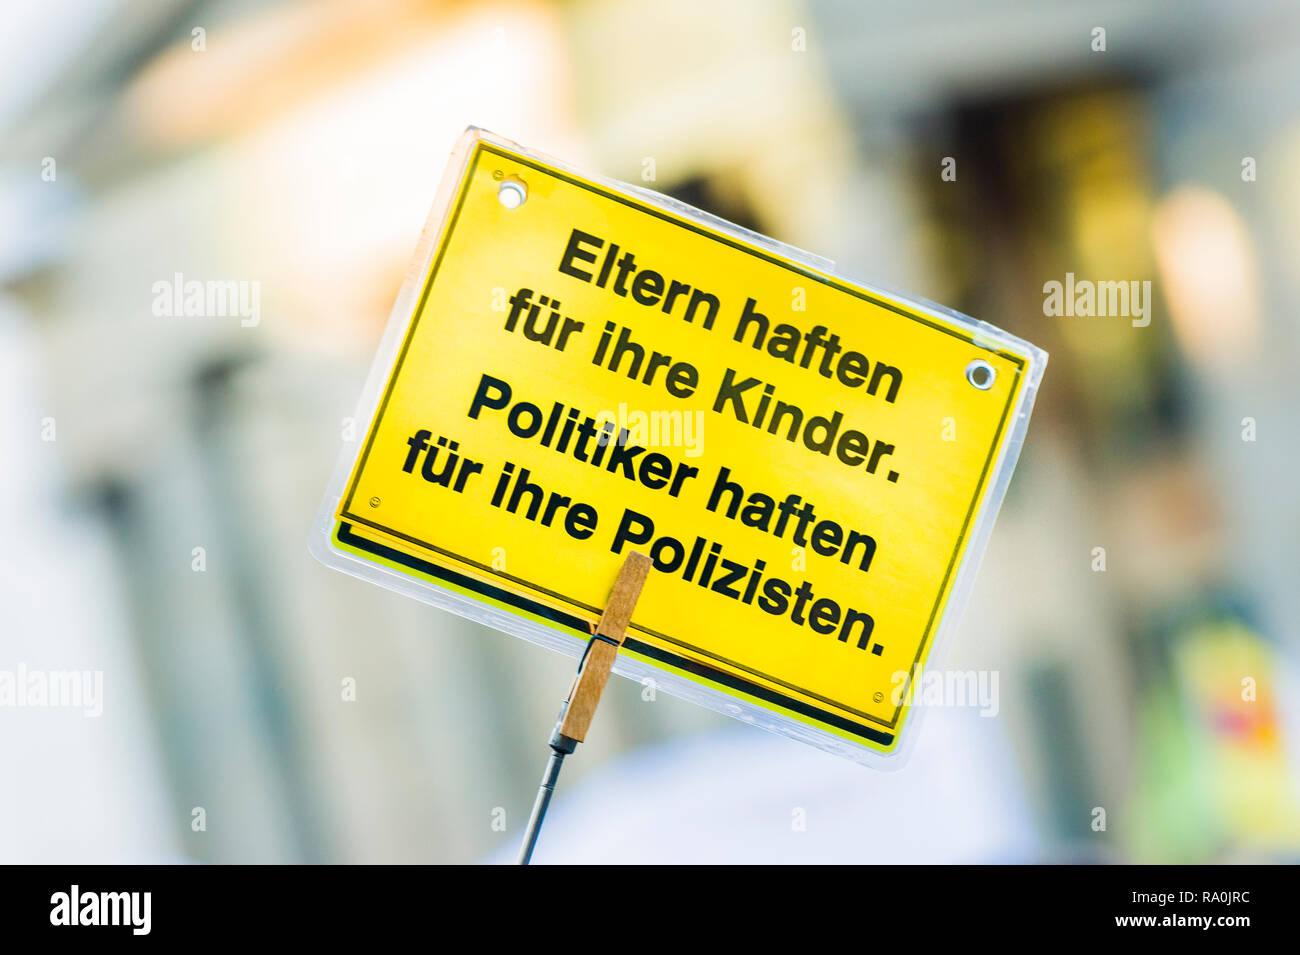 poster, text reads: _ eltern haften für ihre kinder. politiker haften für ihre polizisten_ - Stock Image